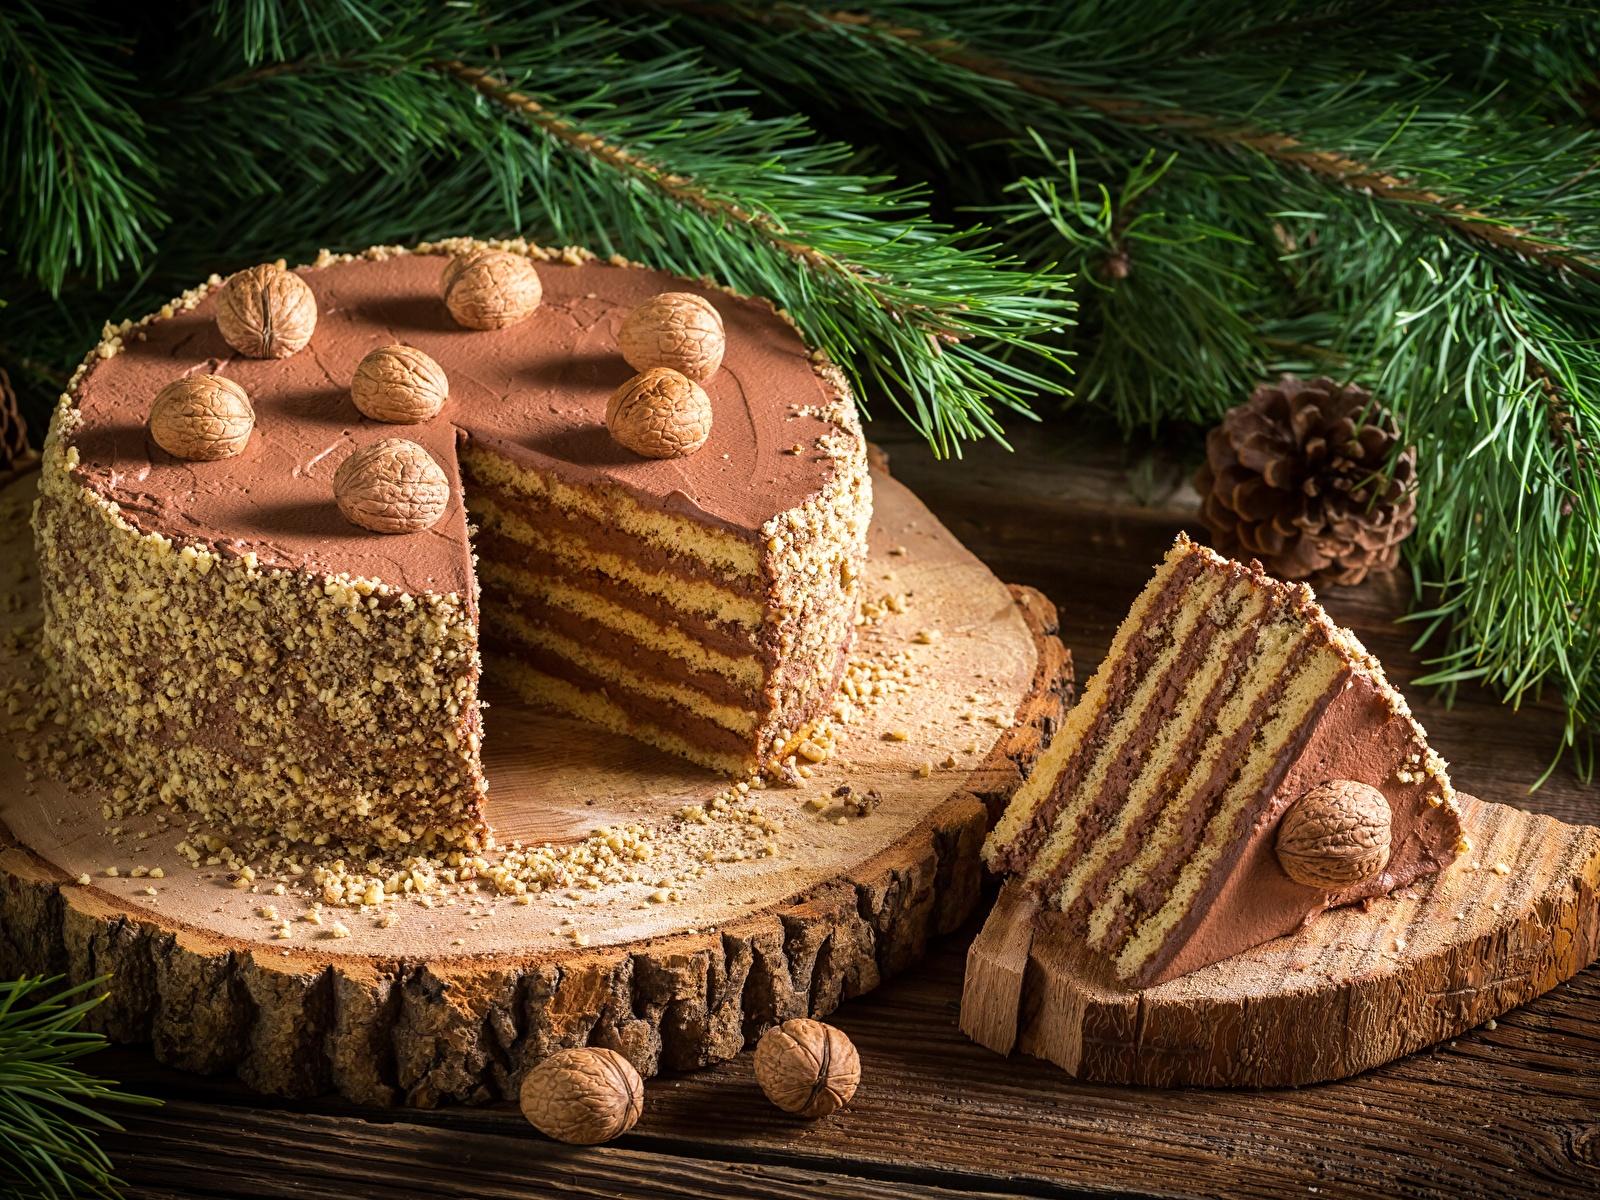 Обои Новый год Торты Кусок Продукты питания Орехи 1600x1200 Рождество часть Еда Пища